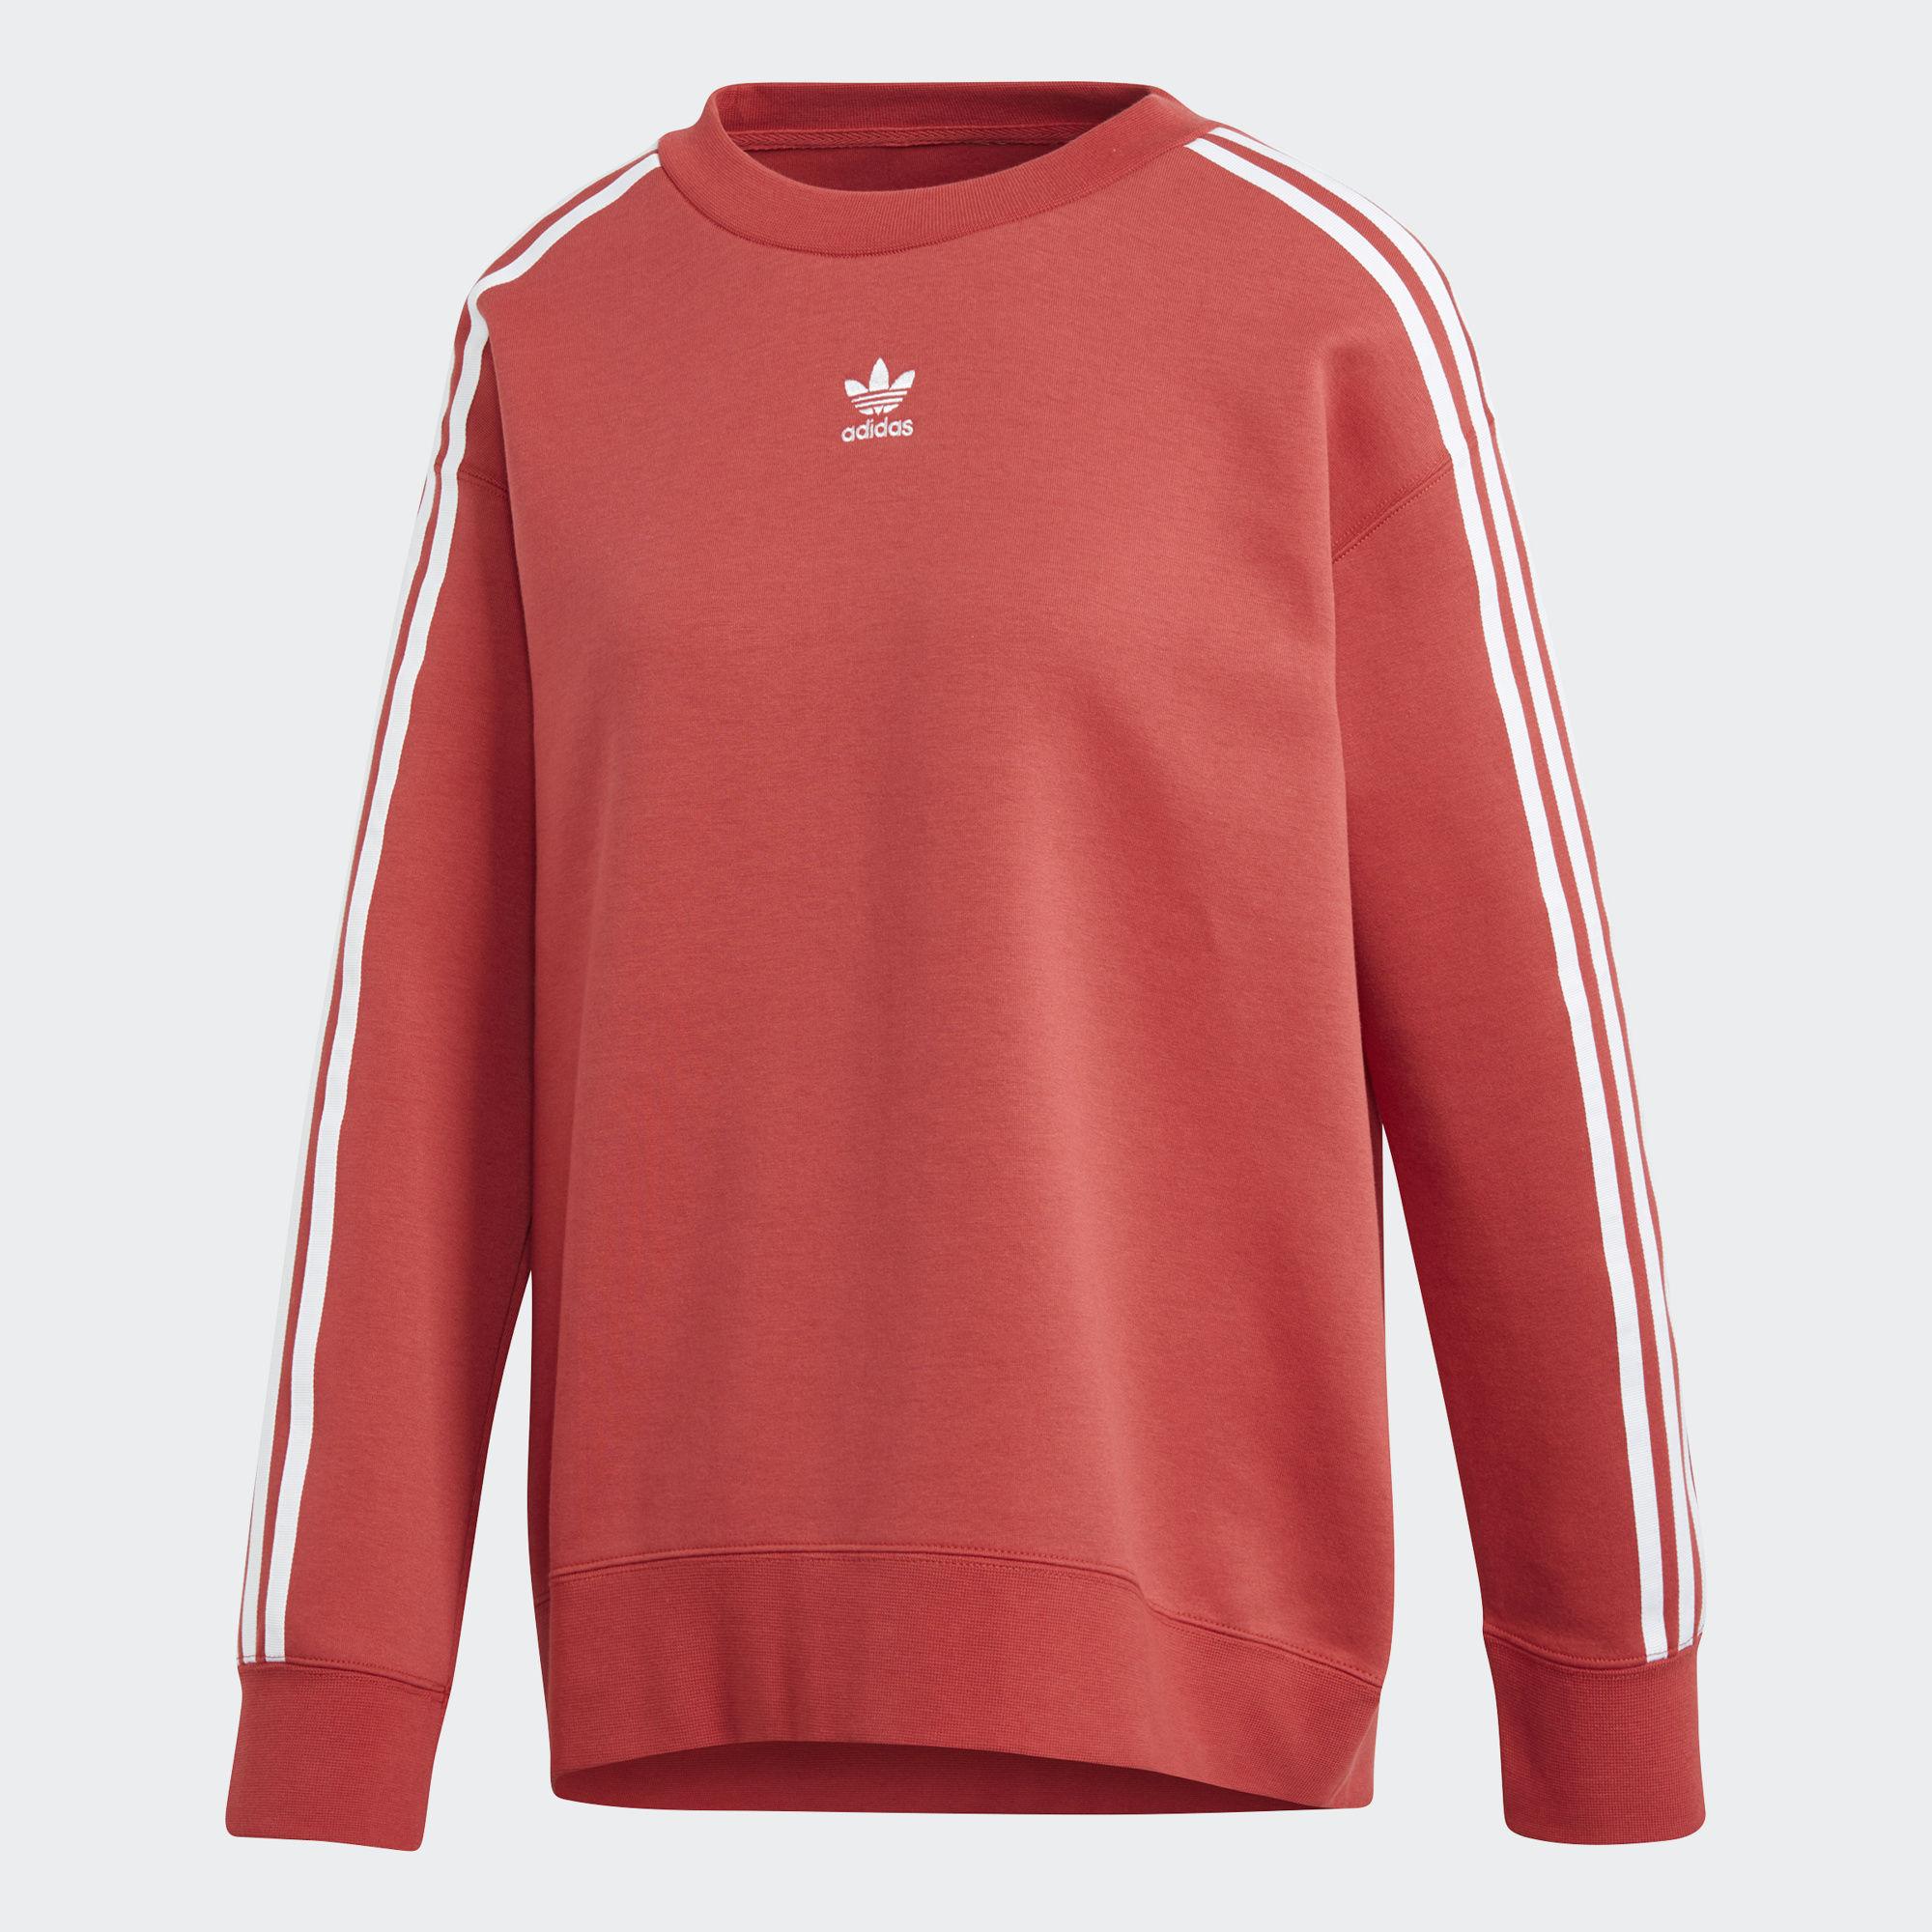 Свитшот женский Adidas Crew Sweater, цвет: коралловый. CE2432. Размер 40 (46/48)CE2432Женский свитшот от adidas в стиле архивных футбольных джерси. Украшен контрастным трилистником на груди и культовыми тремя полосками вдоль рукавов. Мягкий спейсер из хлопка и переработанного полиэстера обеспечивает комфорт в течение всего дня.